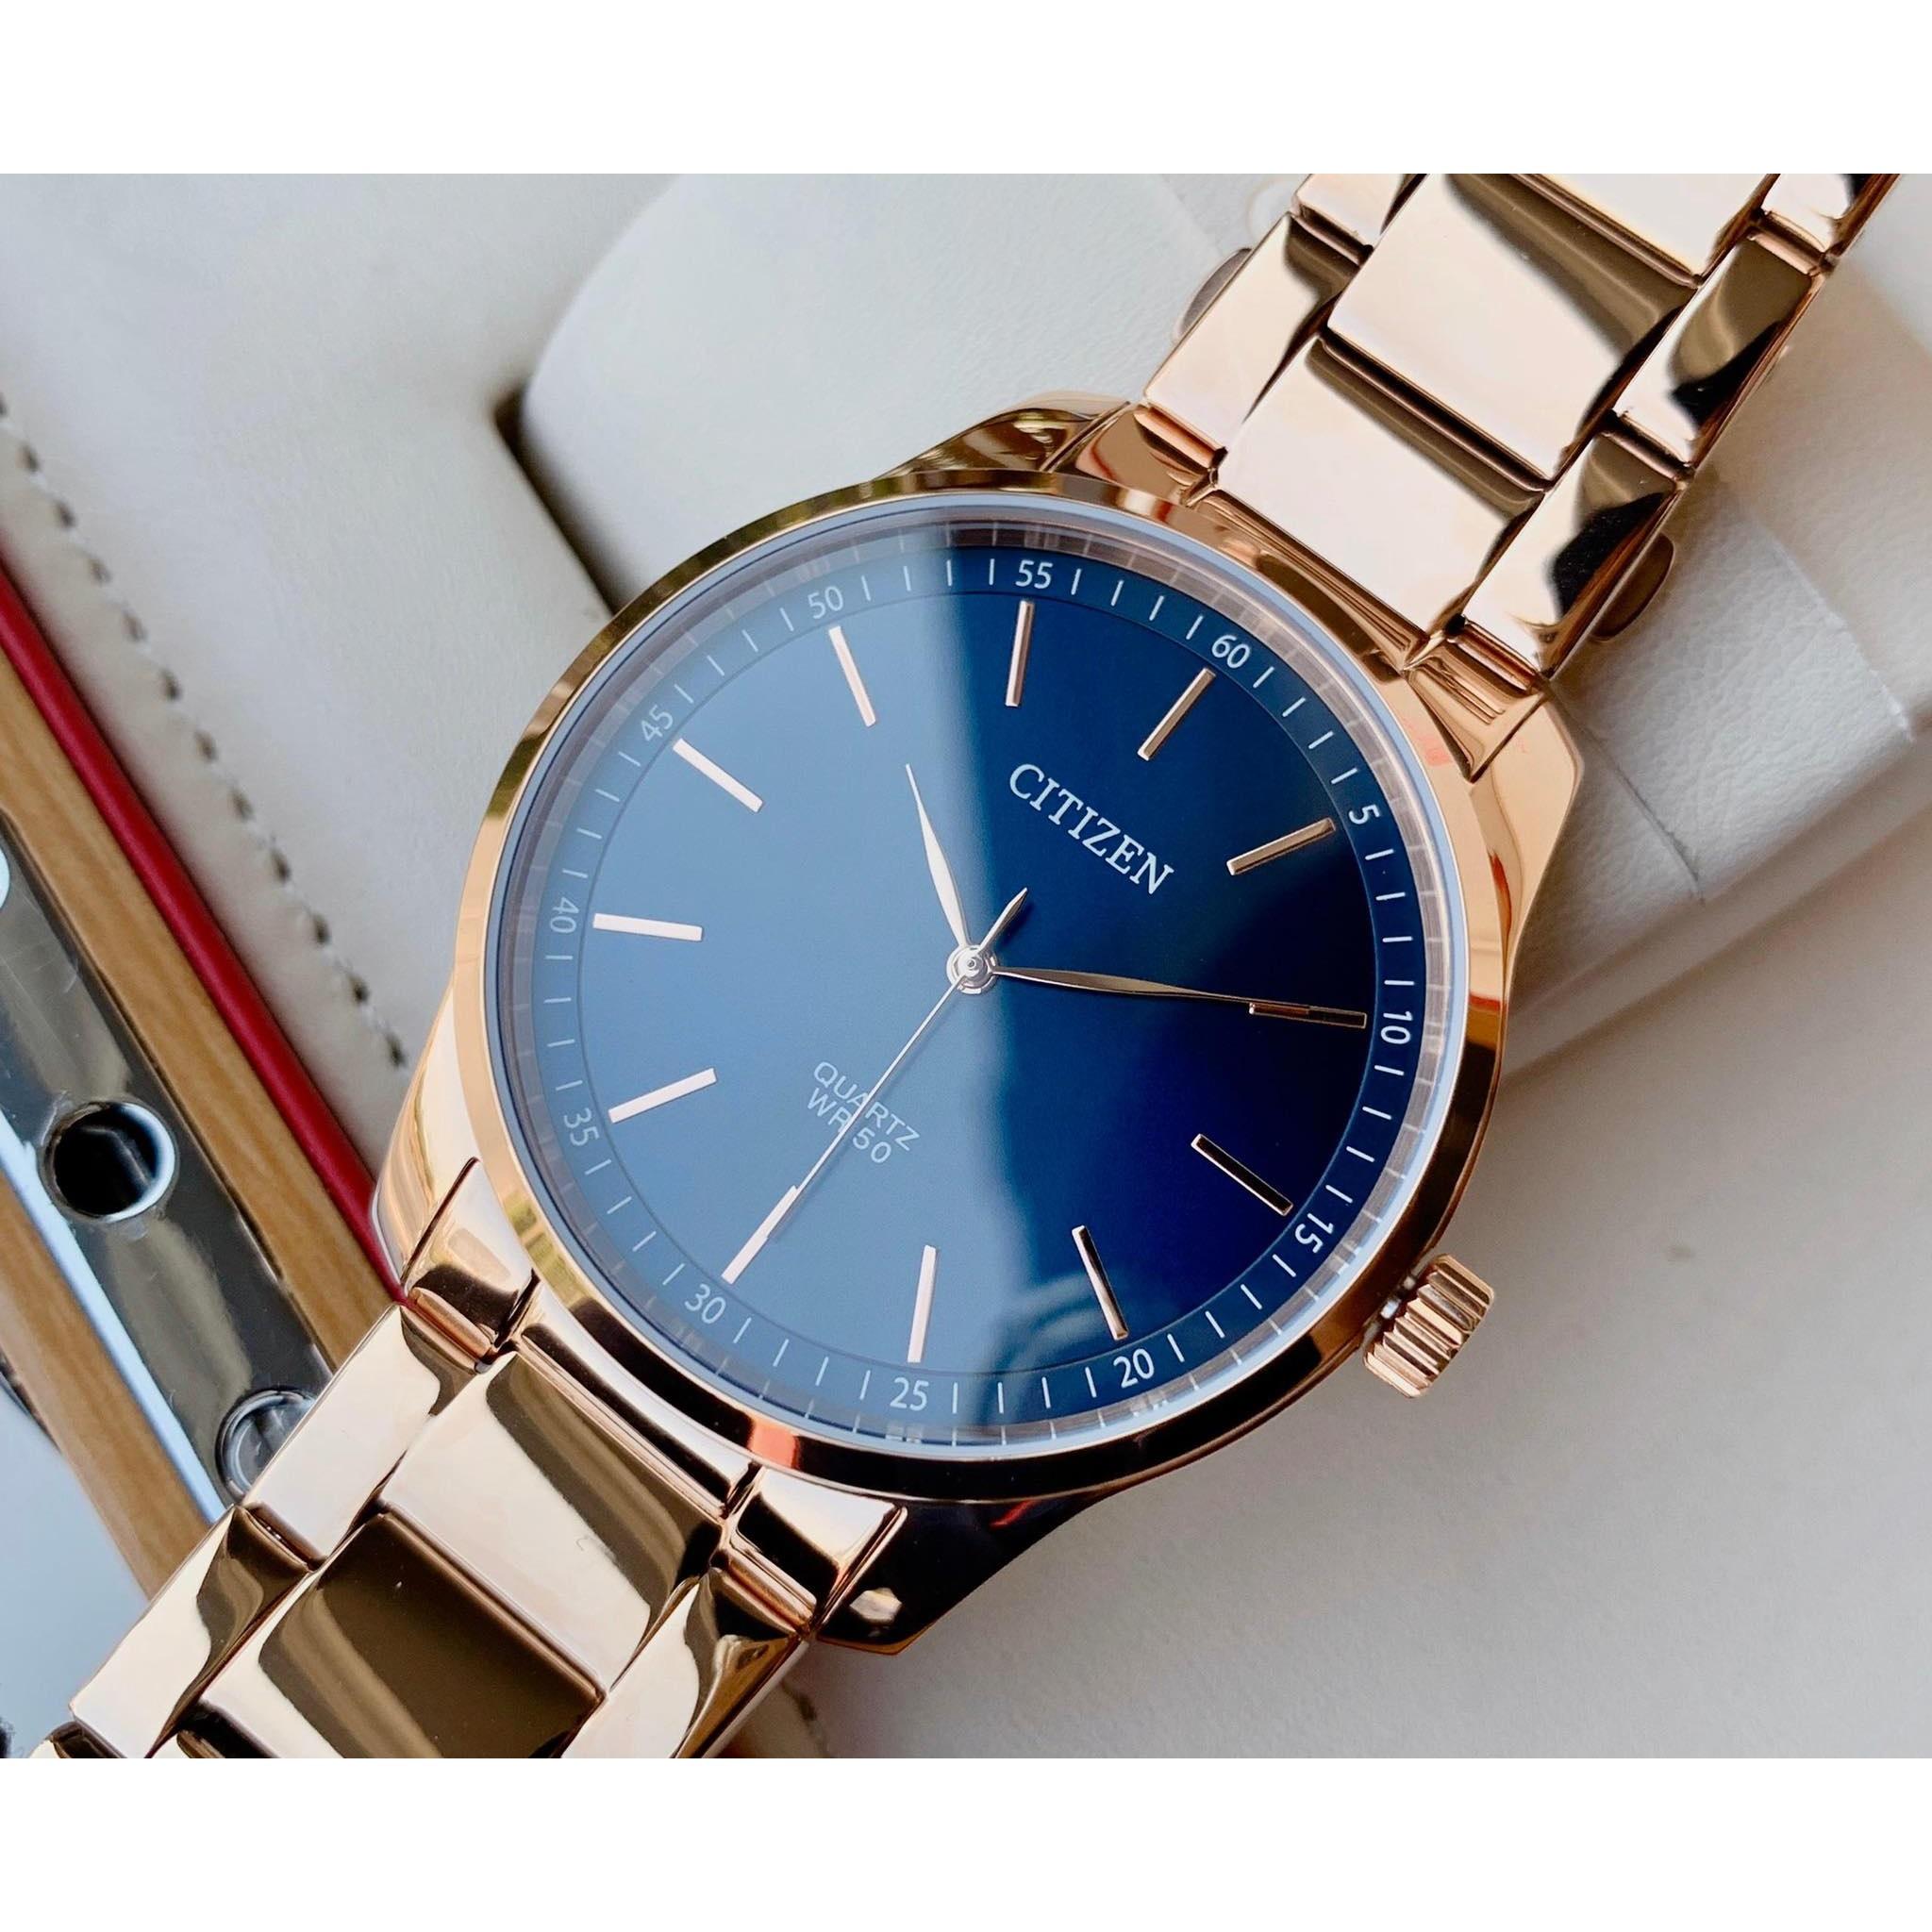 ساعت مچی عقربهای مردانه سیتی زن مدل BH5003-51L